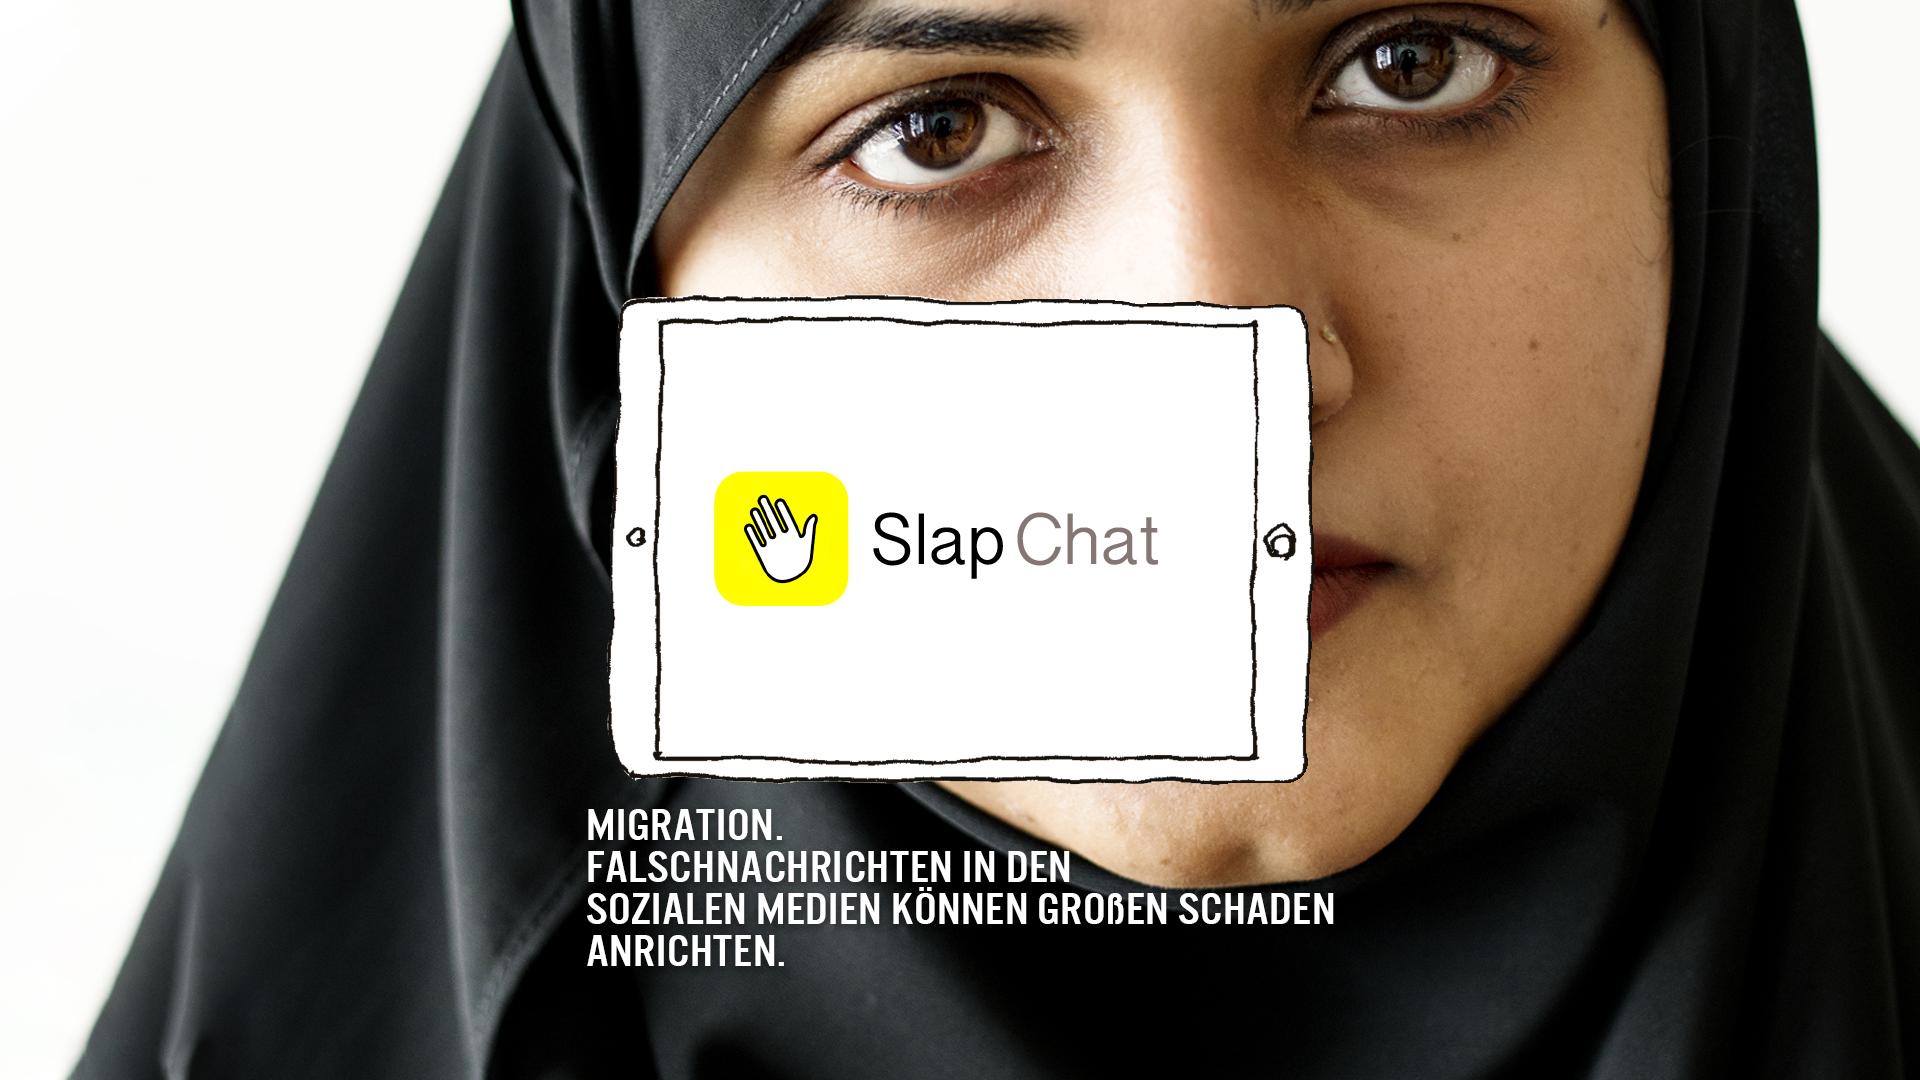 Das Bild zeigt eine Frau mit Kopftuch vor einem gezeichneten Handy Display. Darauf steht